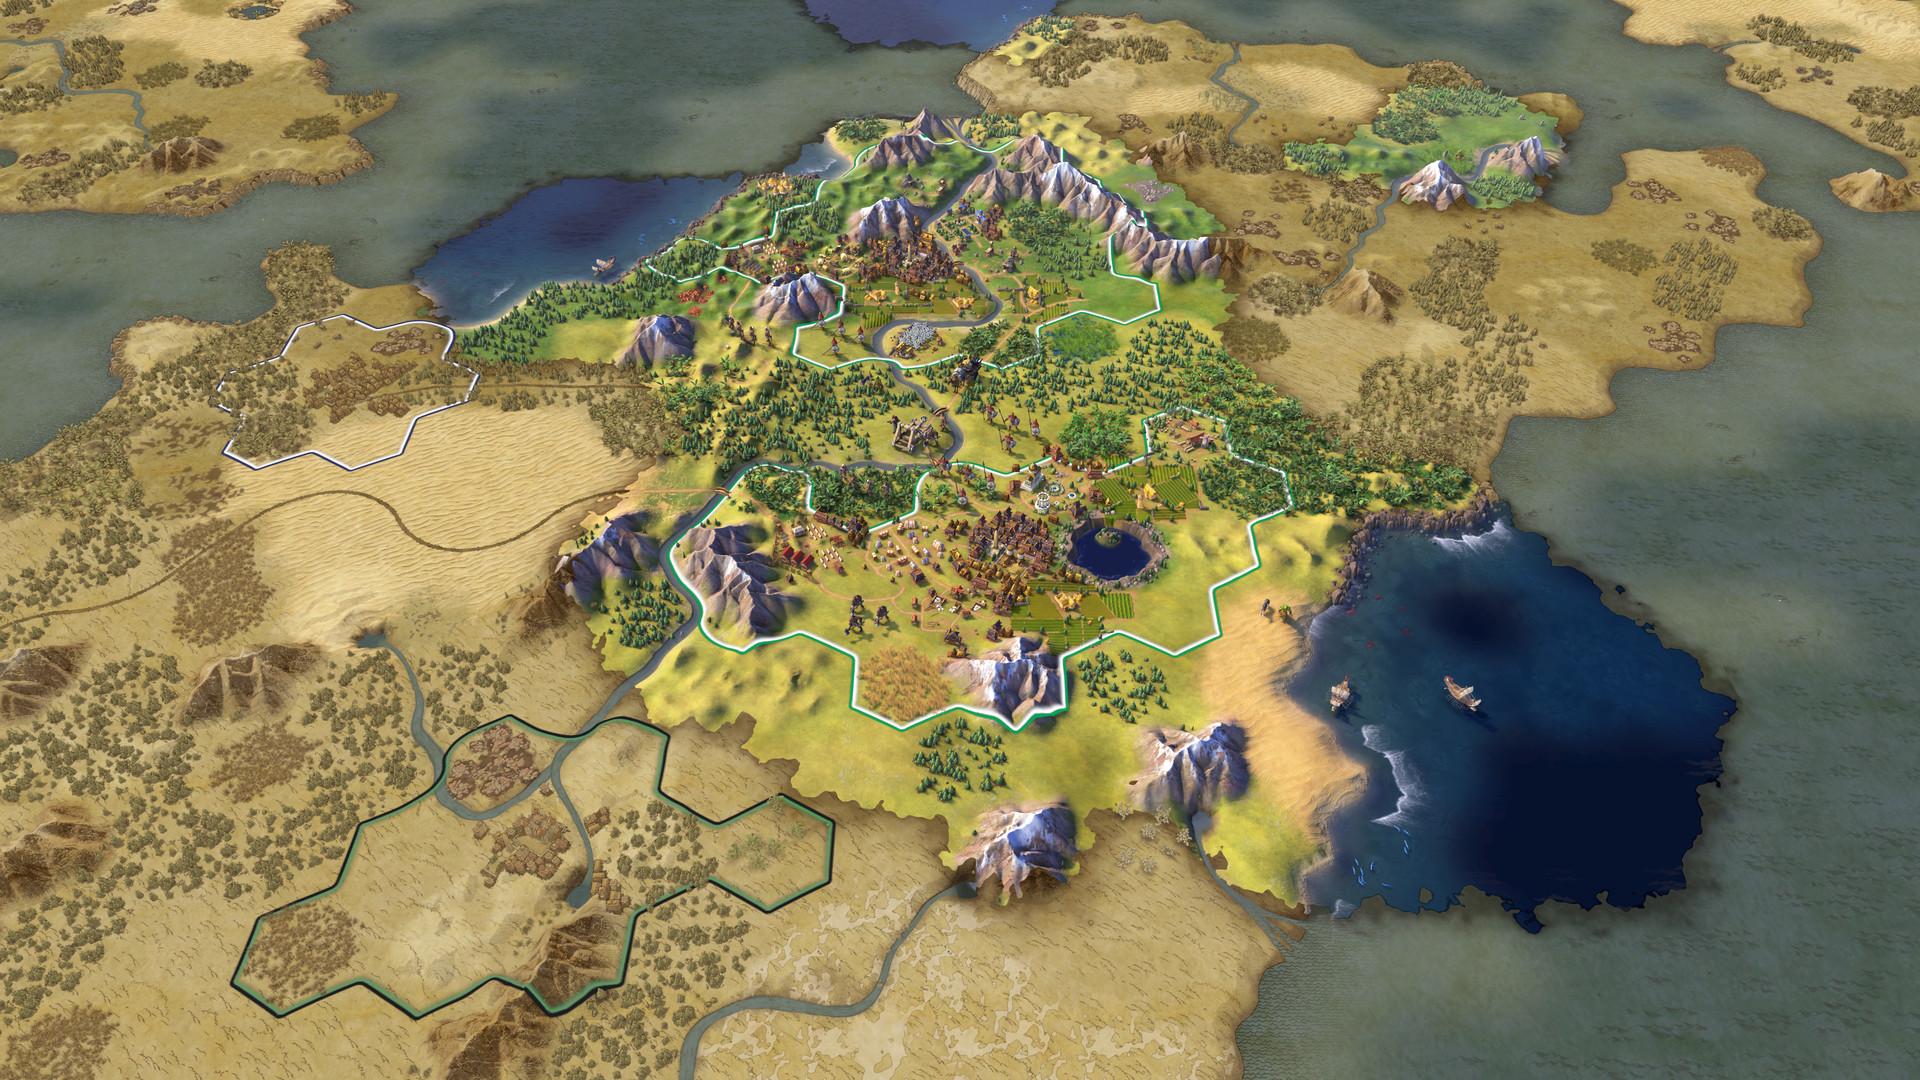 Скриншот к игре Sid Meier's Civilization VI: Digital Deluxe [v 1.0.0.257 + DLC's] (2016) PC | RePack от R.G. Механики